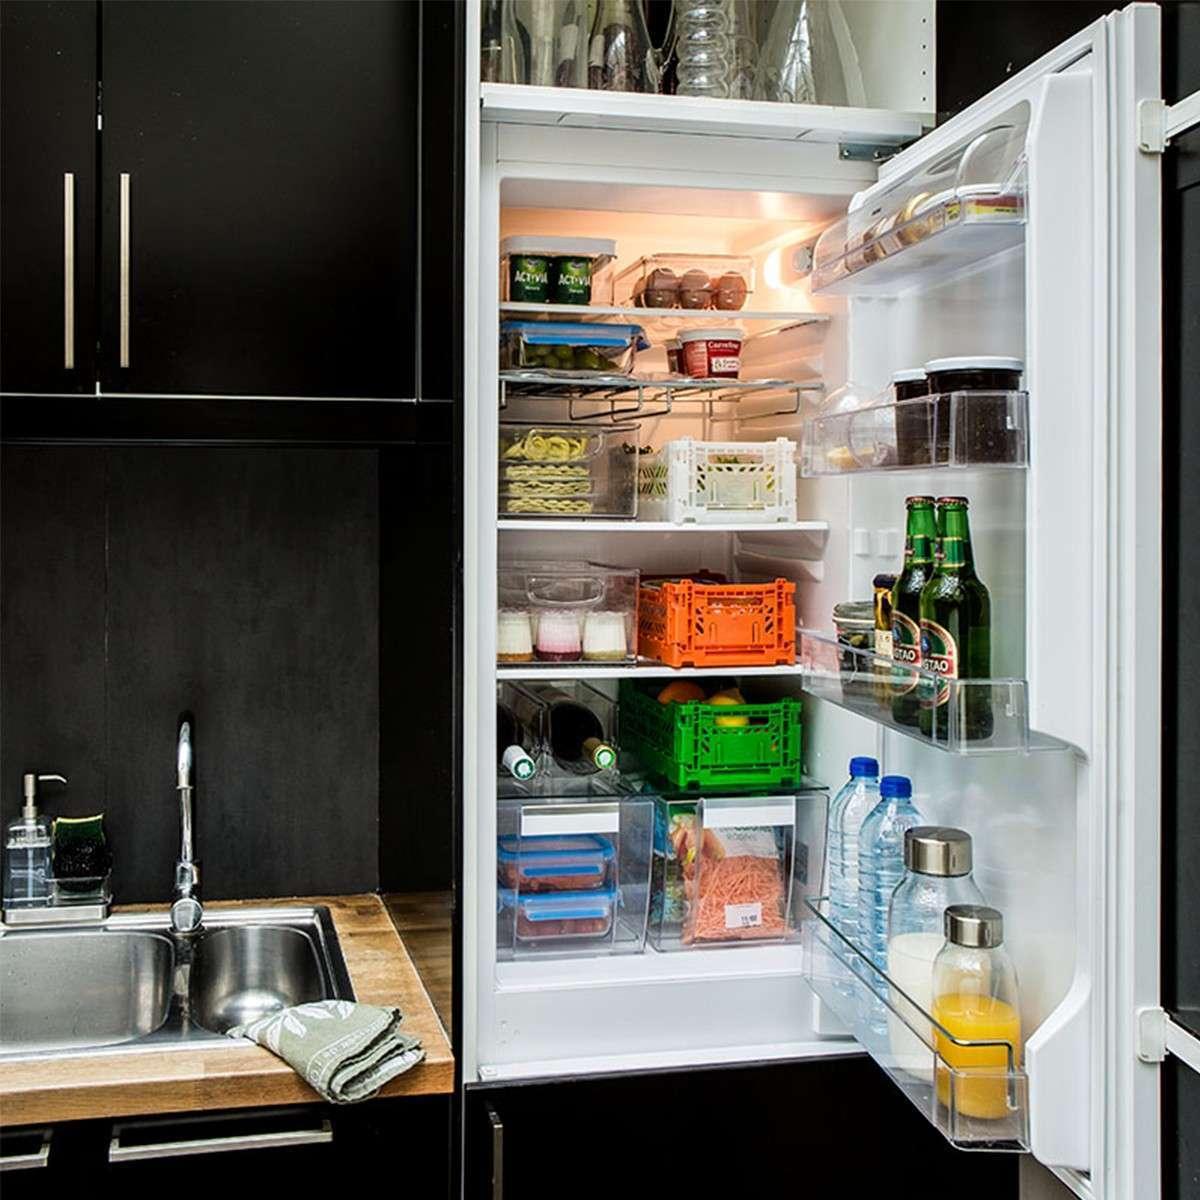 Comment Ranger Dans Un Frigo comment ranger son frigo ? tous nos conseils et astuces !